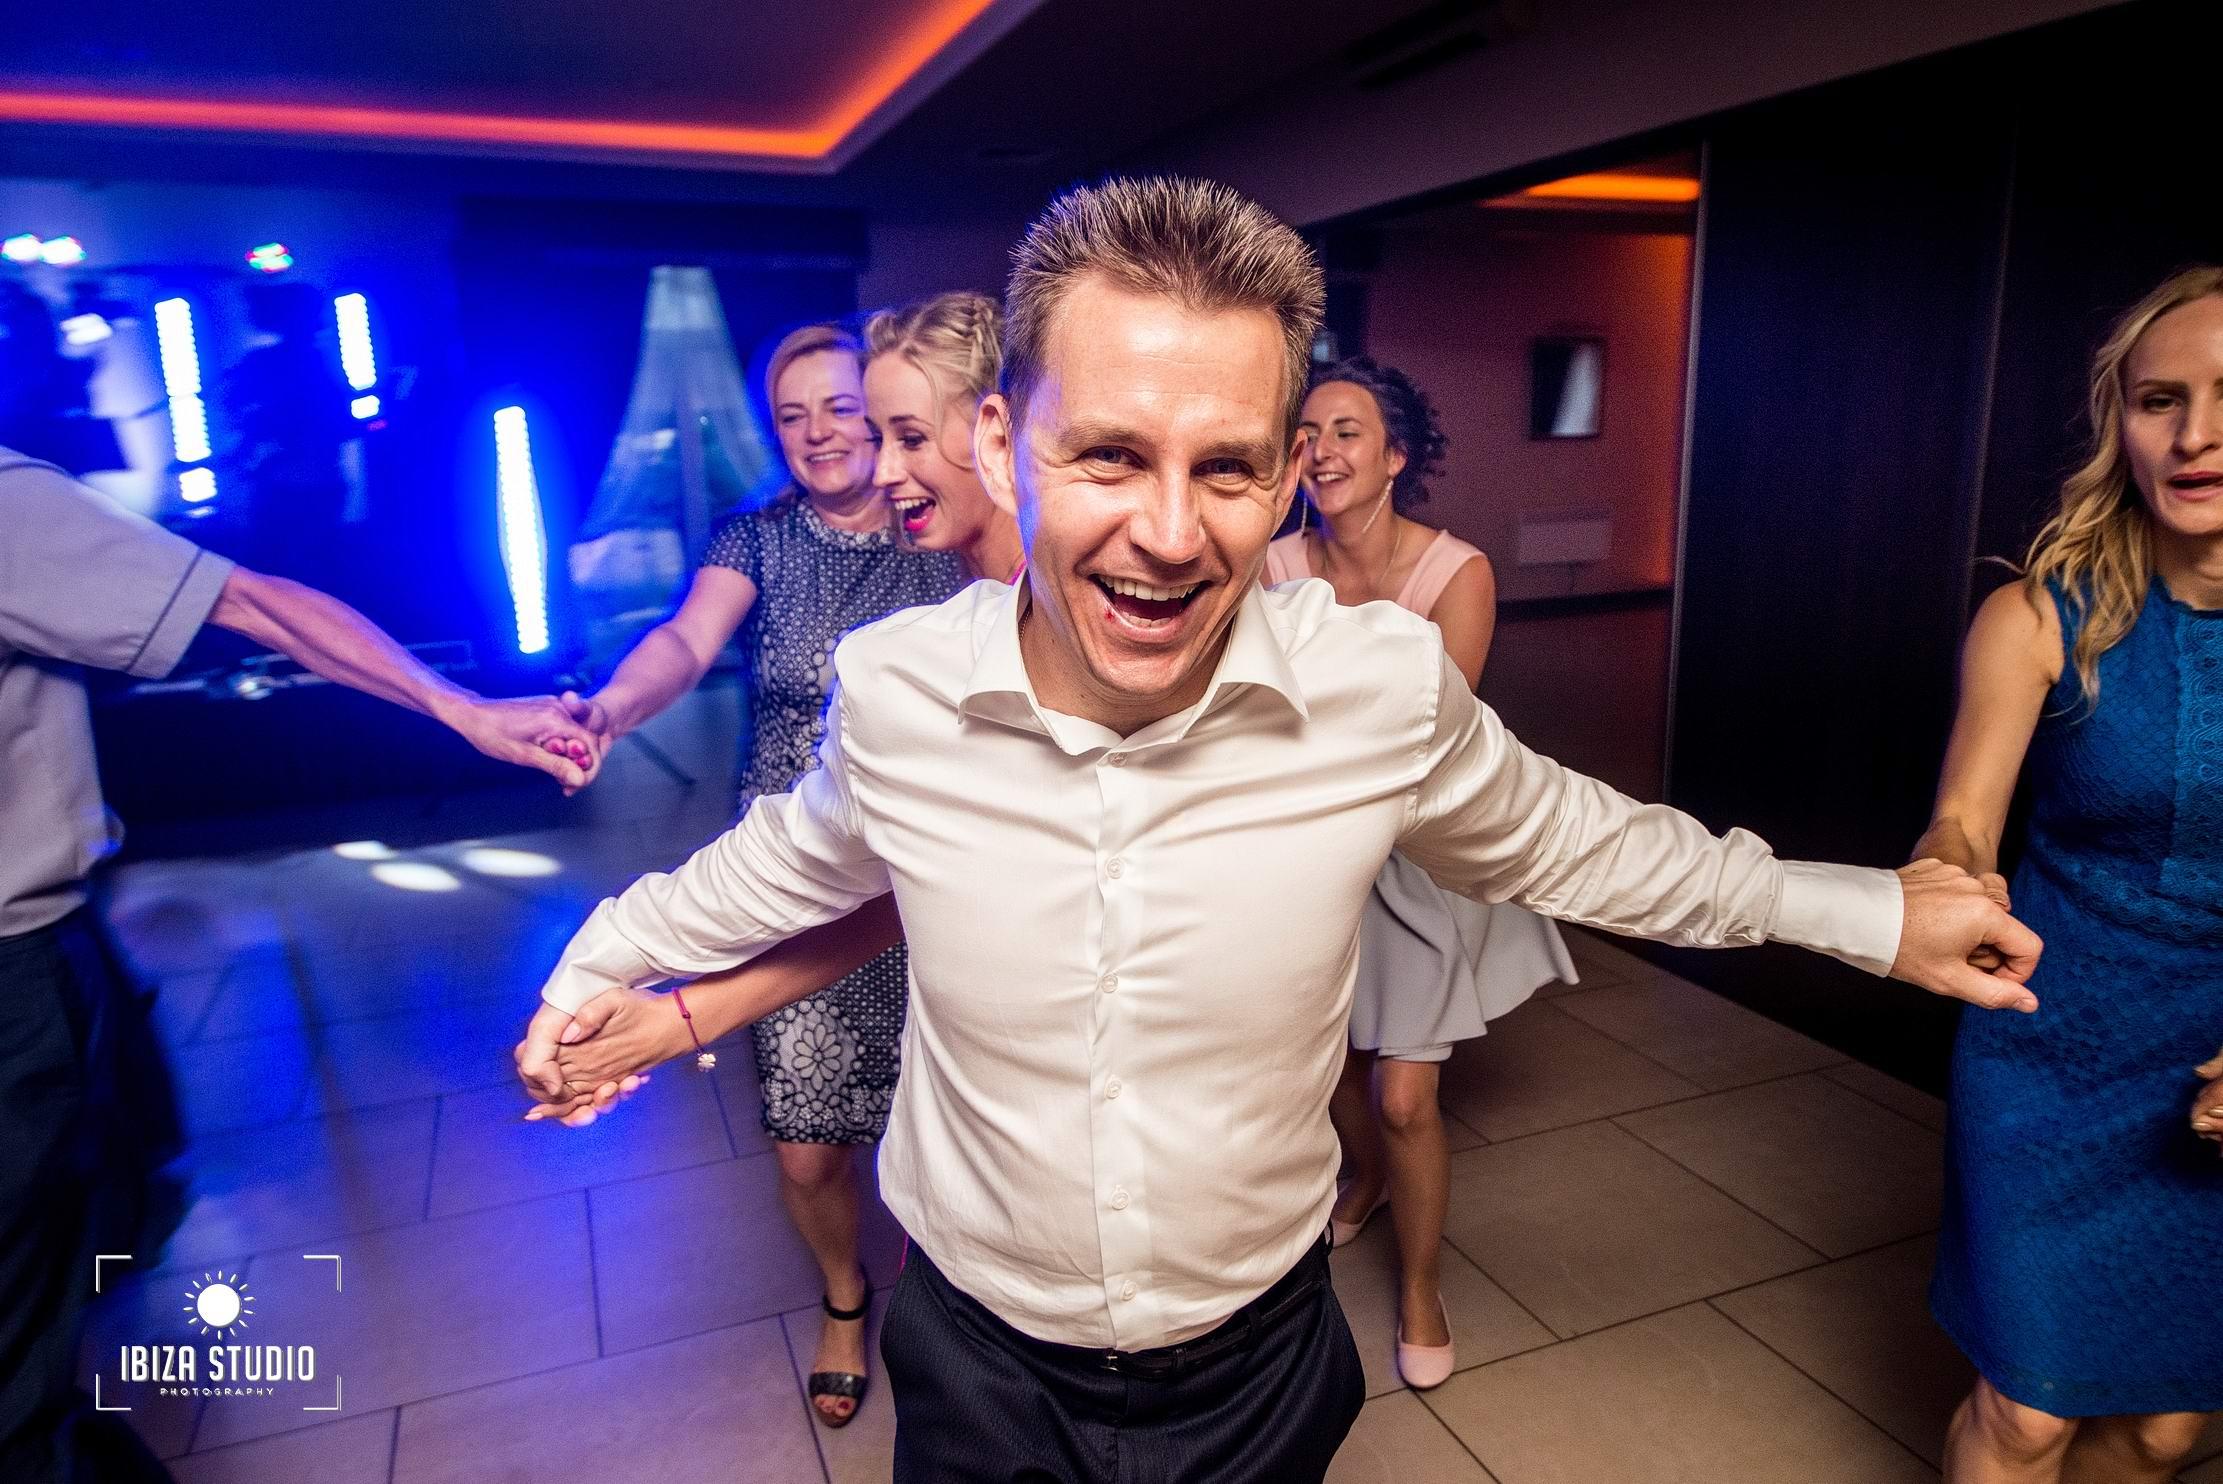 2018-08-18 20-08-55 - fot Edek Pulawski, IbizaStudio